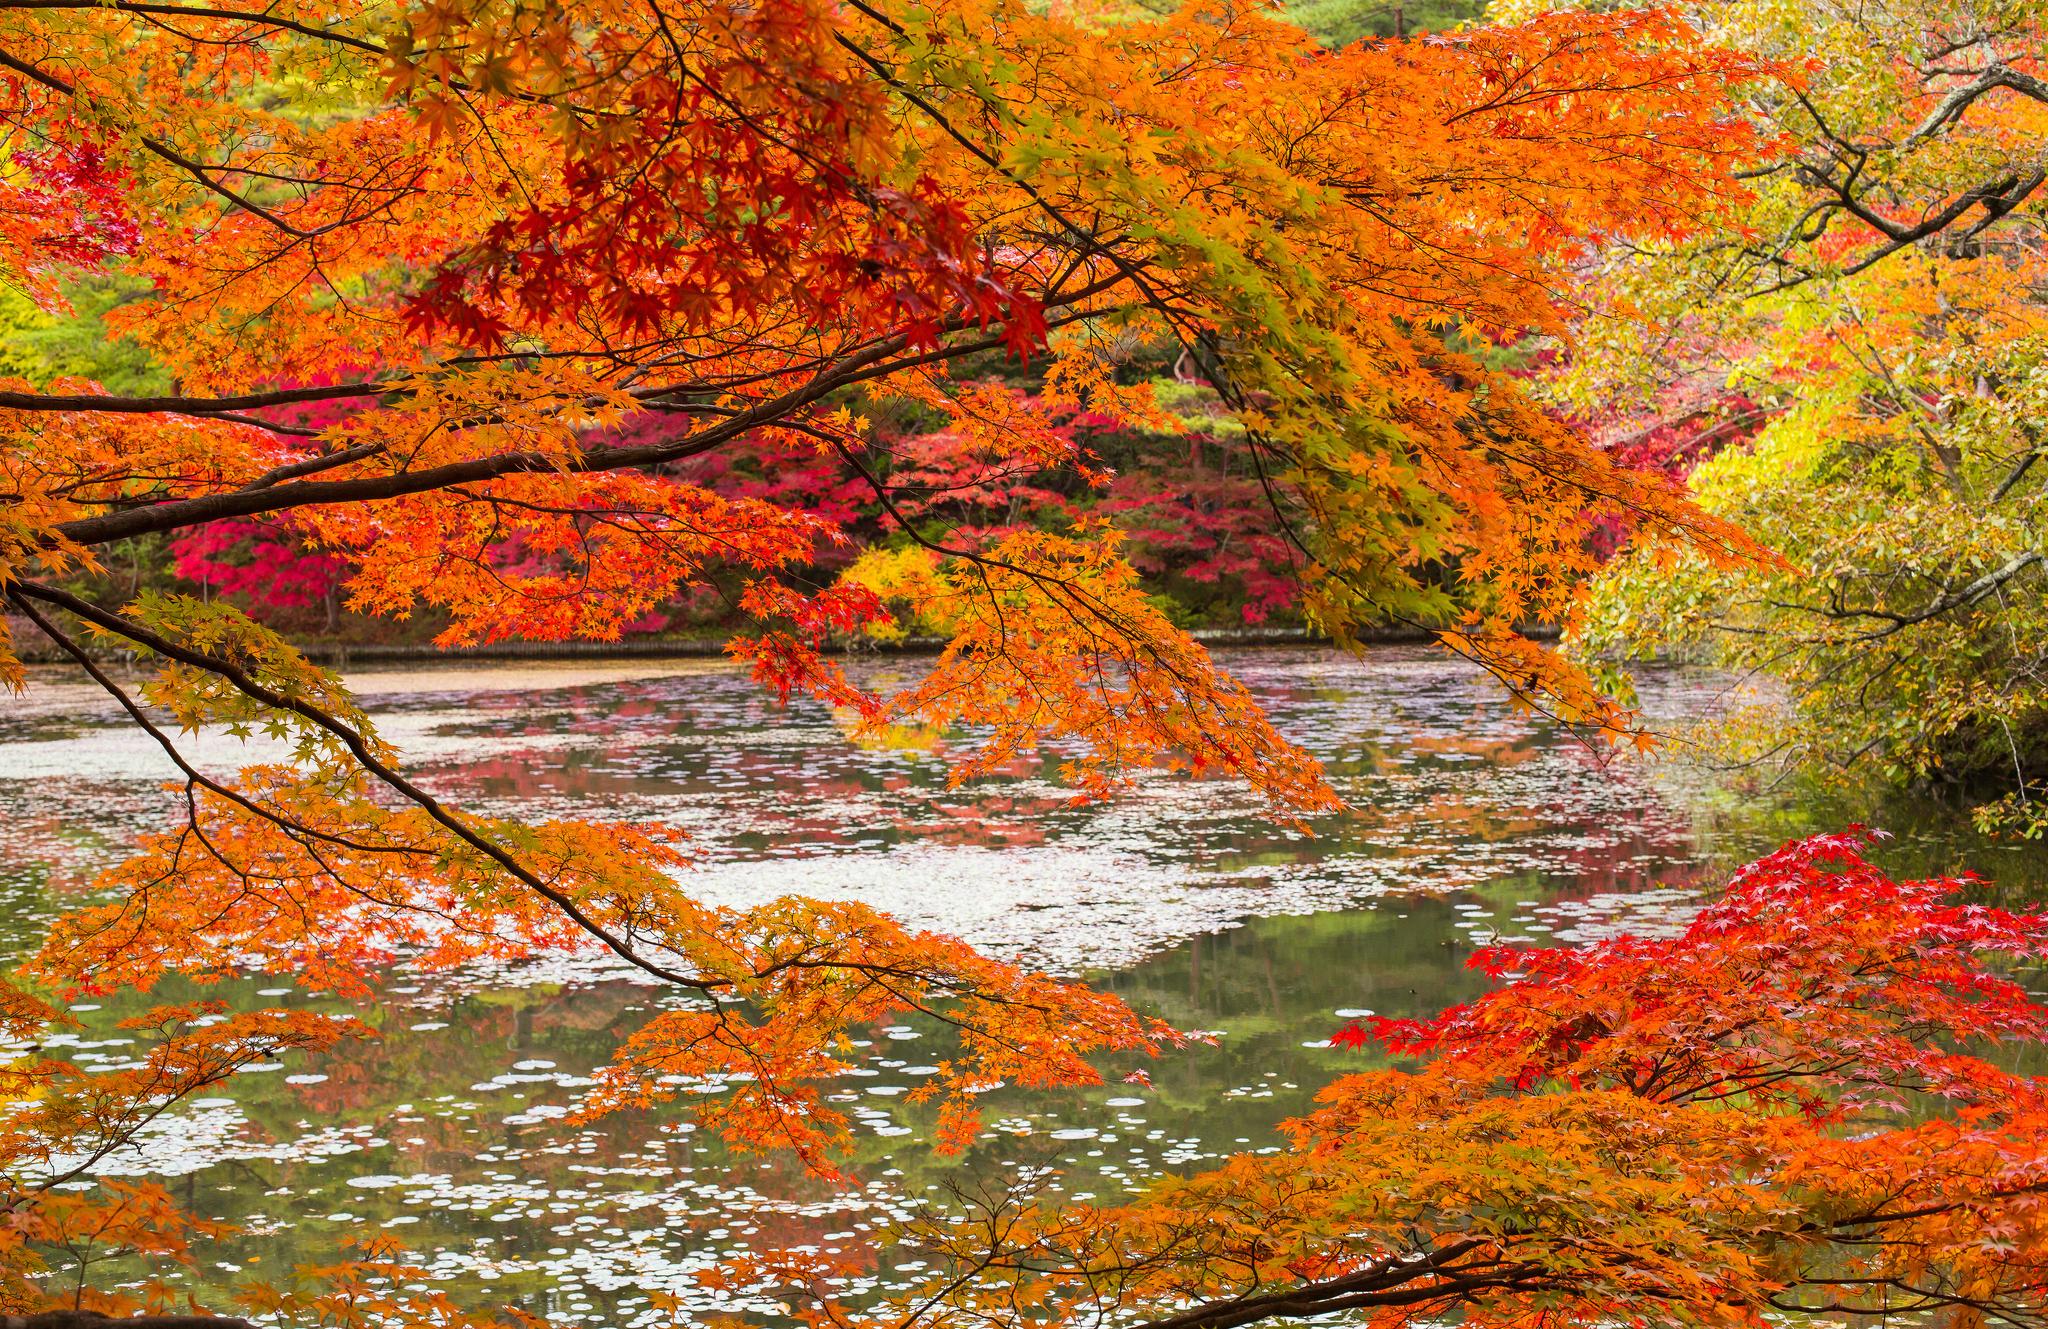 природа река листья осень лес деревья загрузить